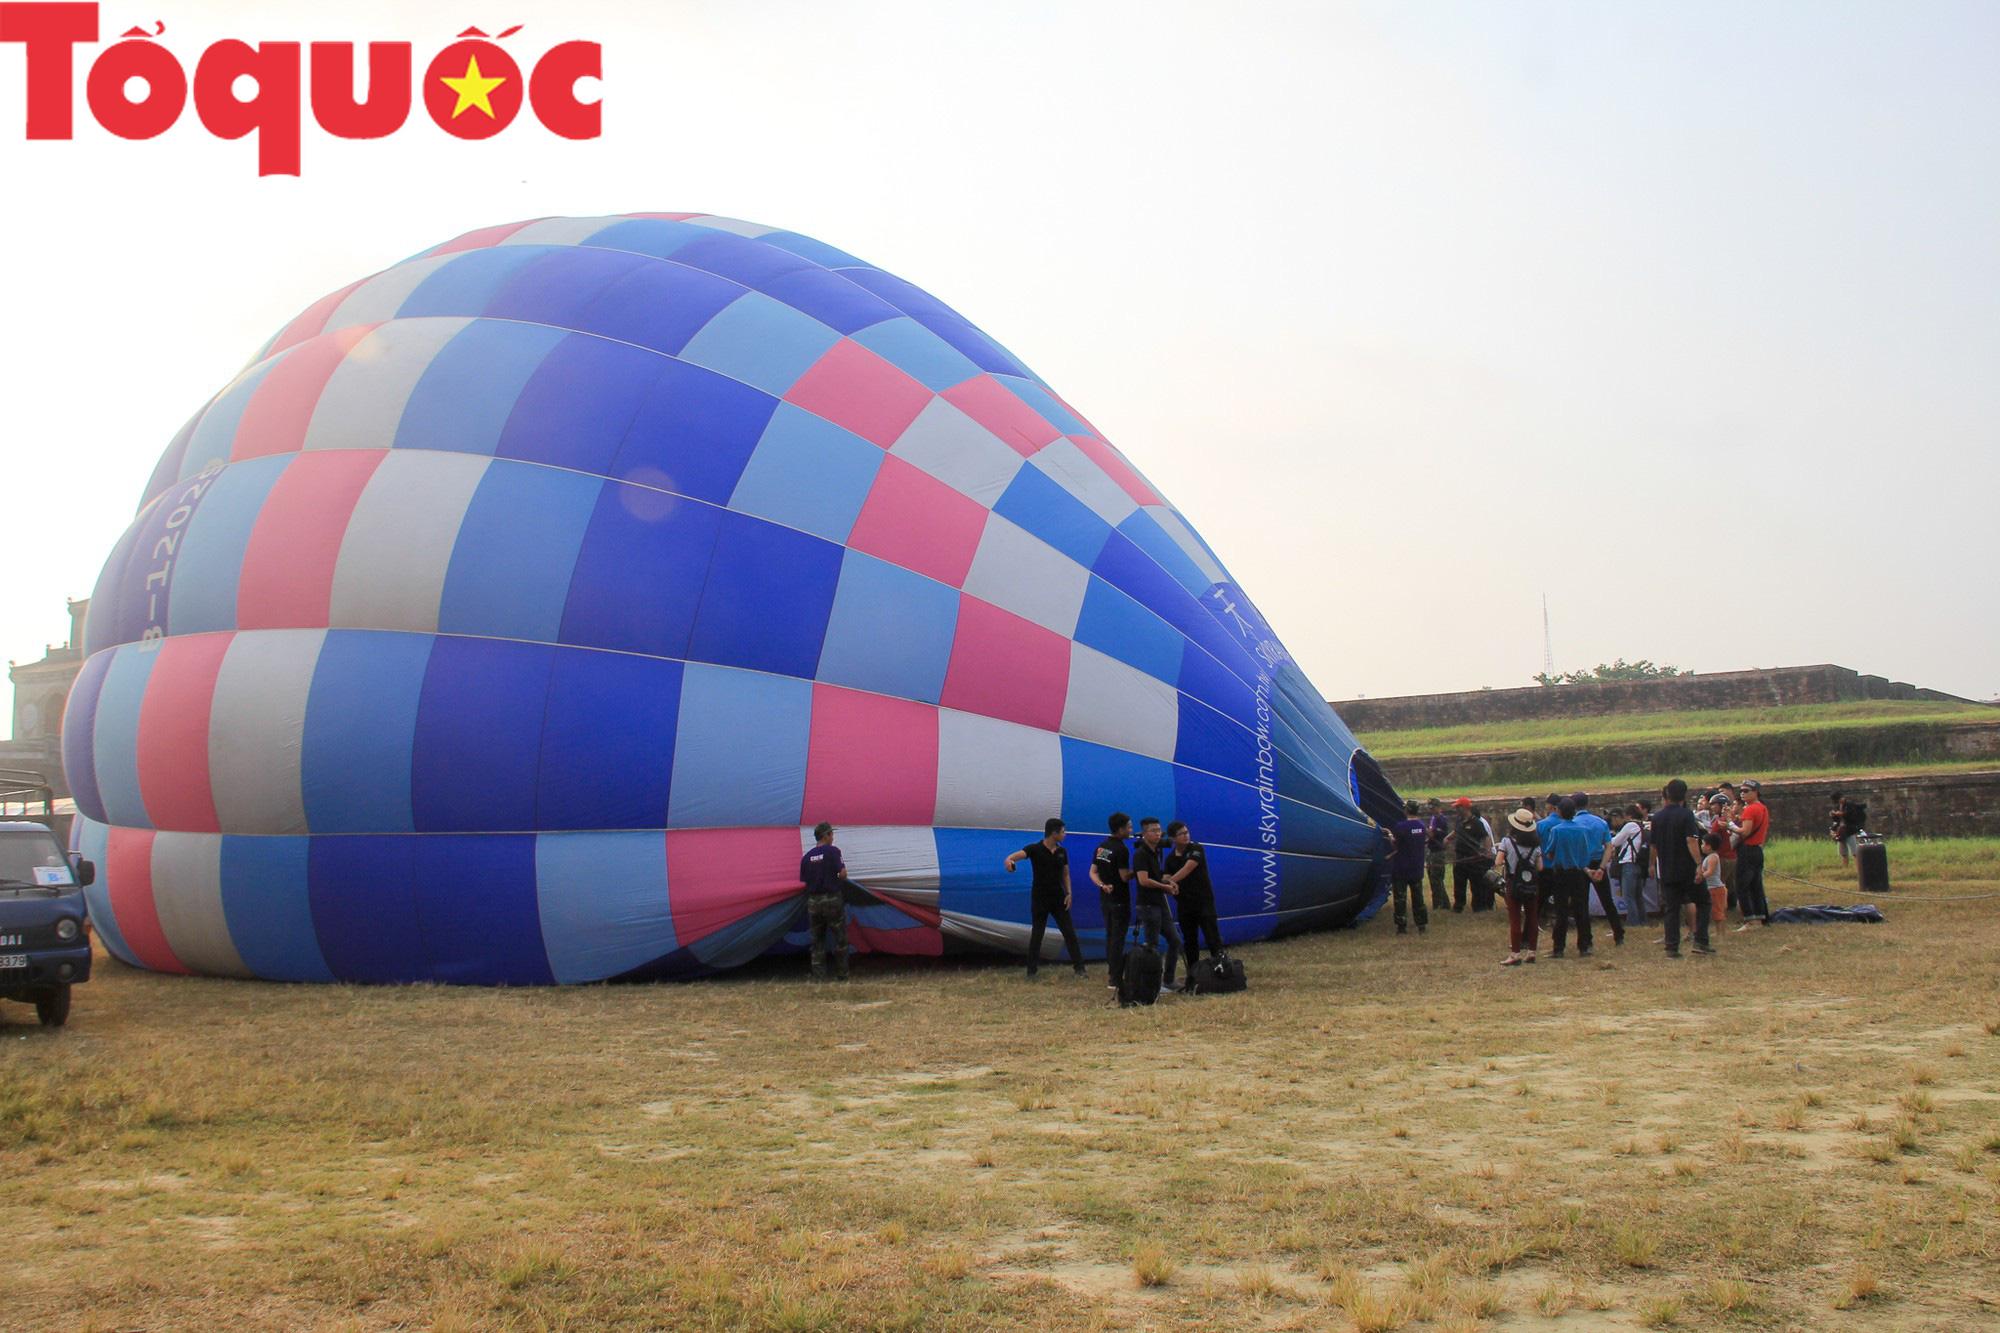 Du khách thích thú ngắm những quả bóng bay khổng lồ trên bầu trời Cố đô Huế - Ảnh 2.